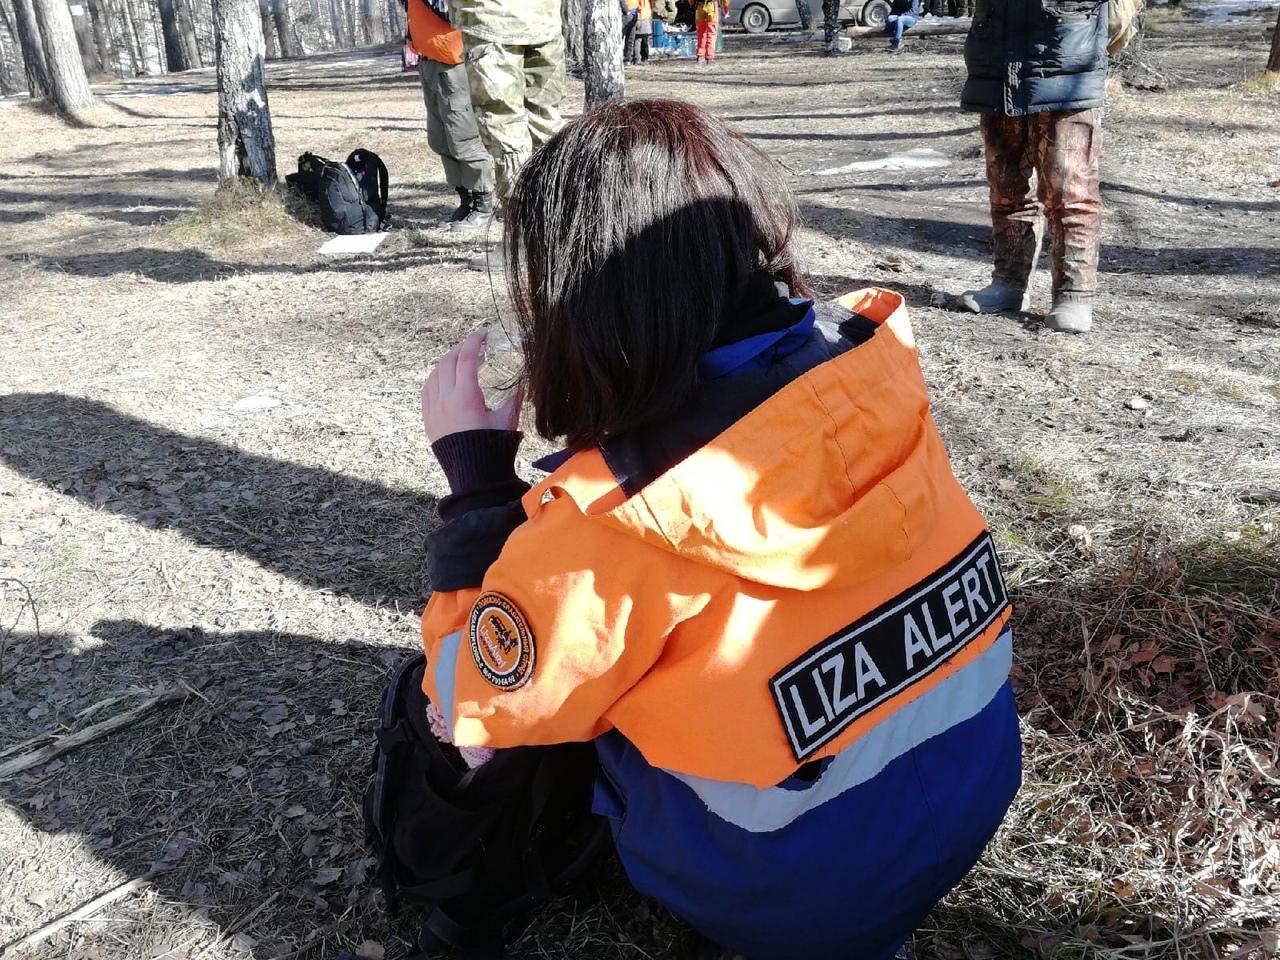 Лиза свою работу на поисках сравнивает с солдатским трудом